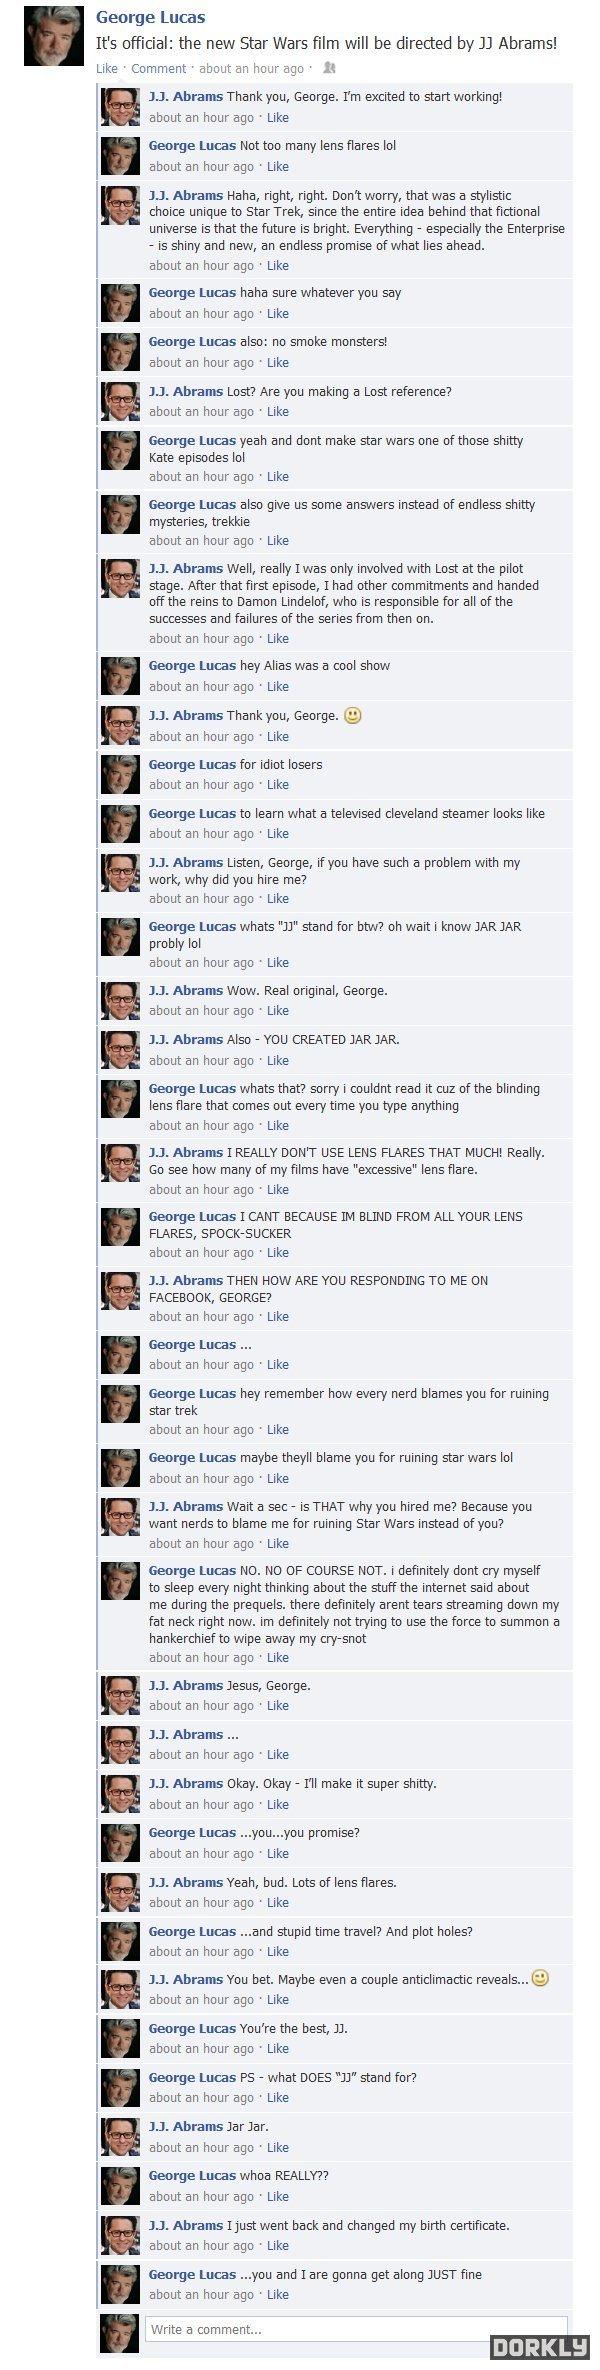 Uma conversa entre George Lucas e JJ Abrams